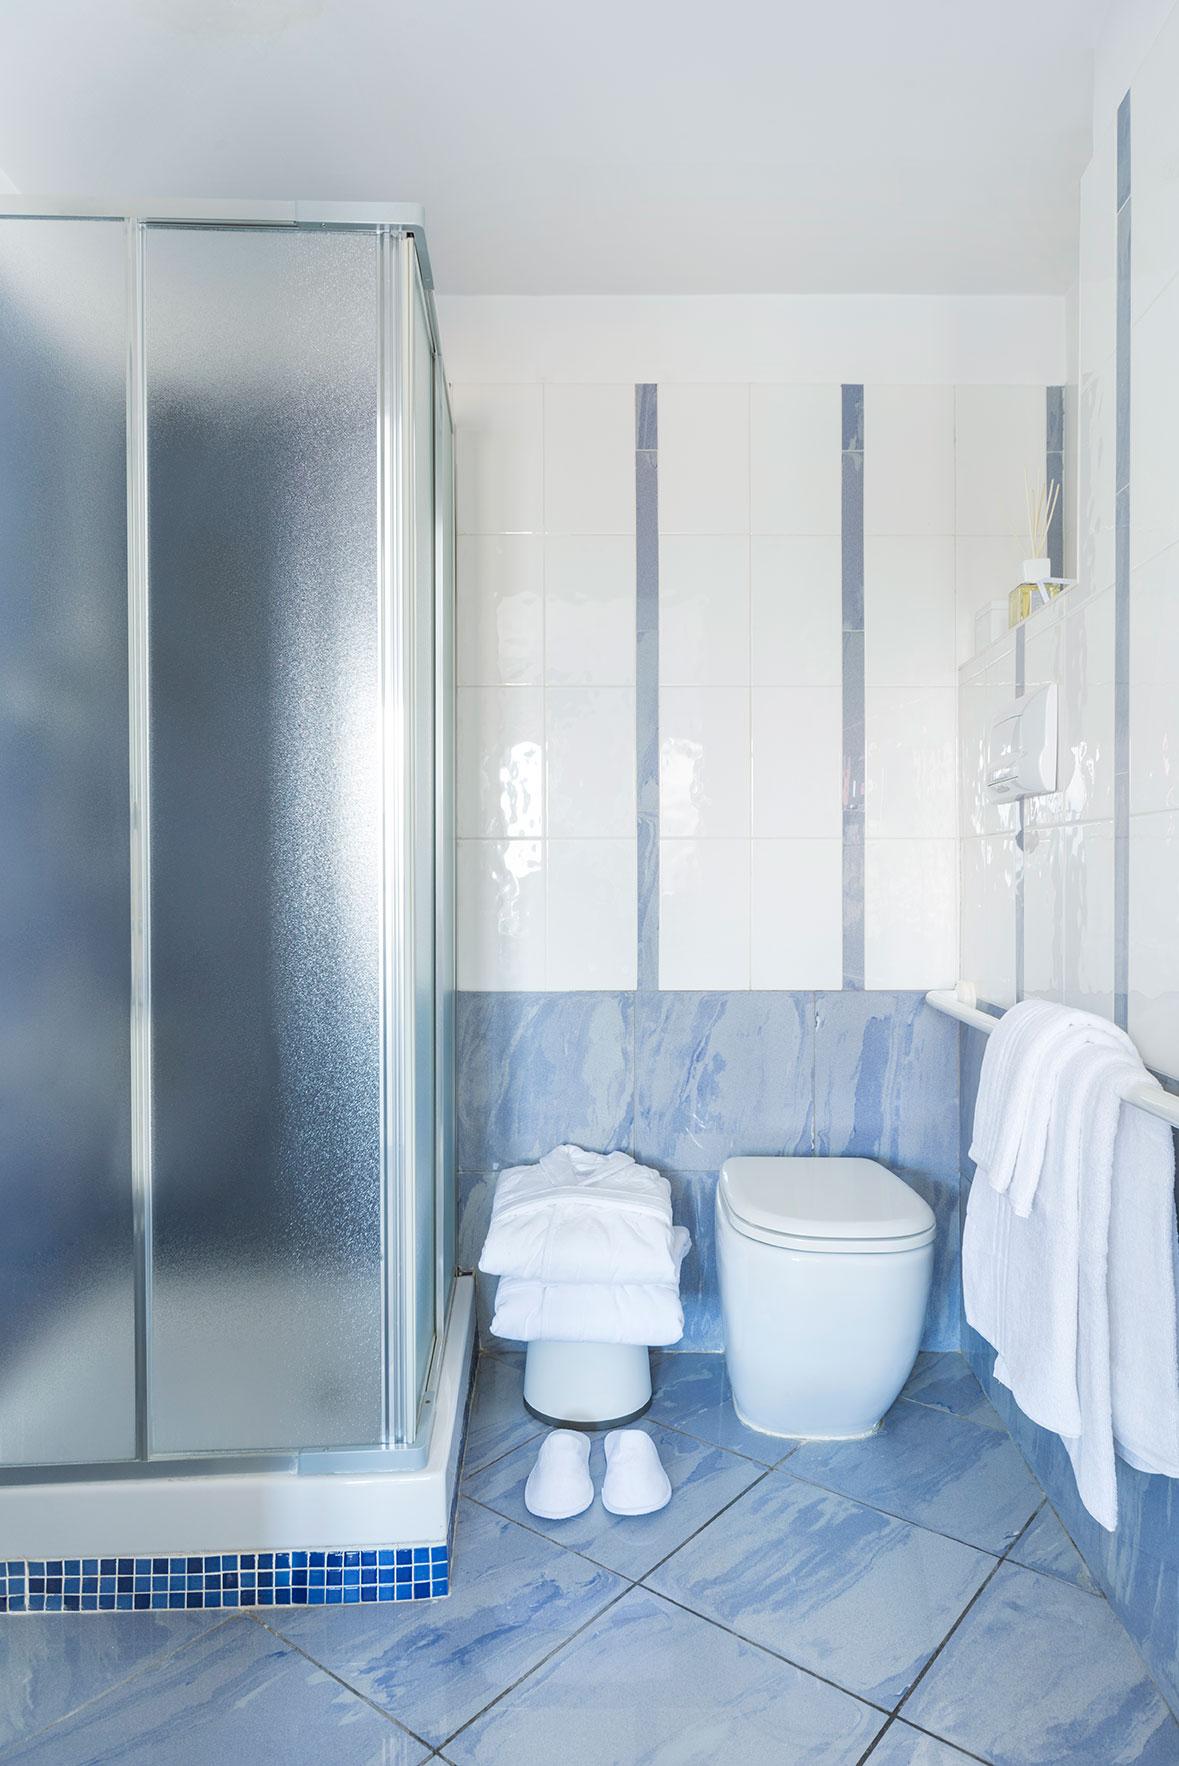 camere-superior-fiorentini-residence-napoli-5